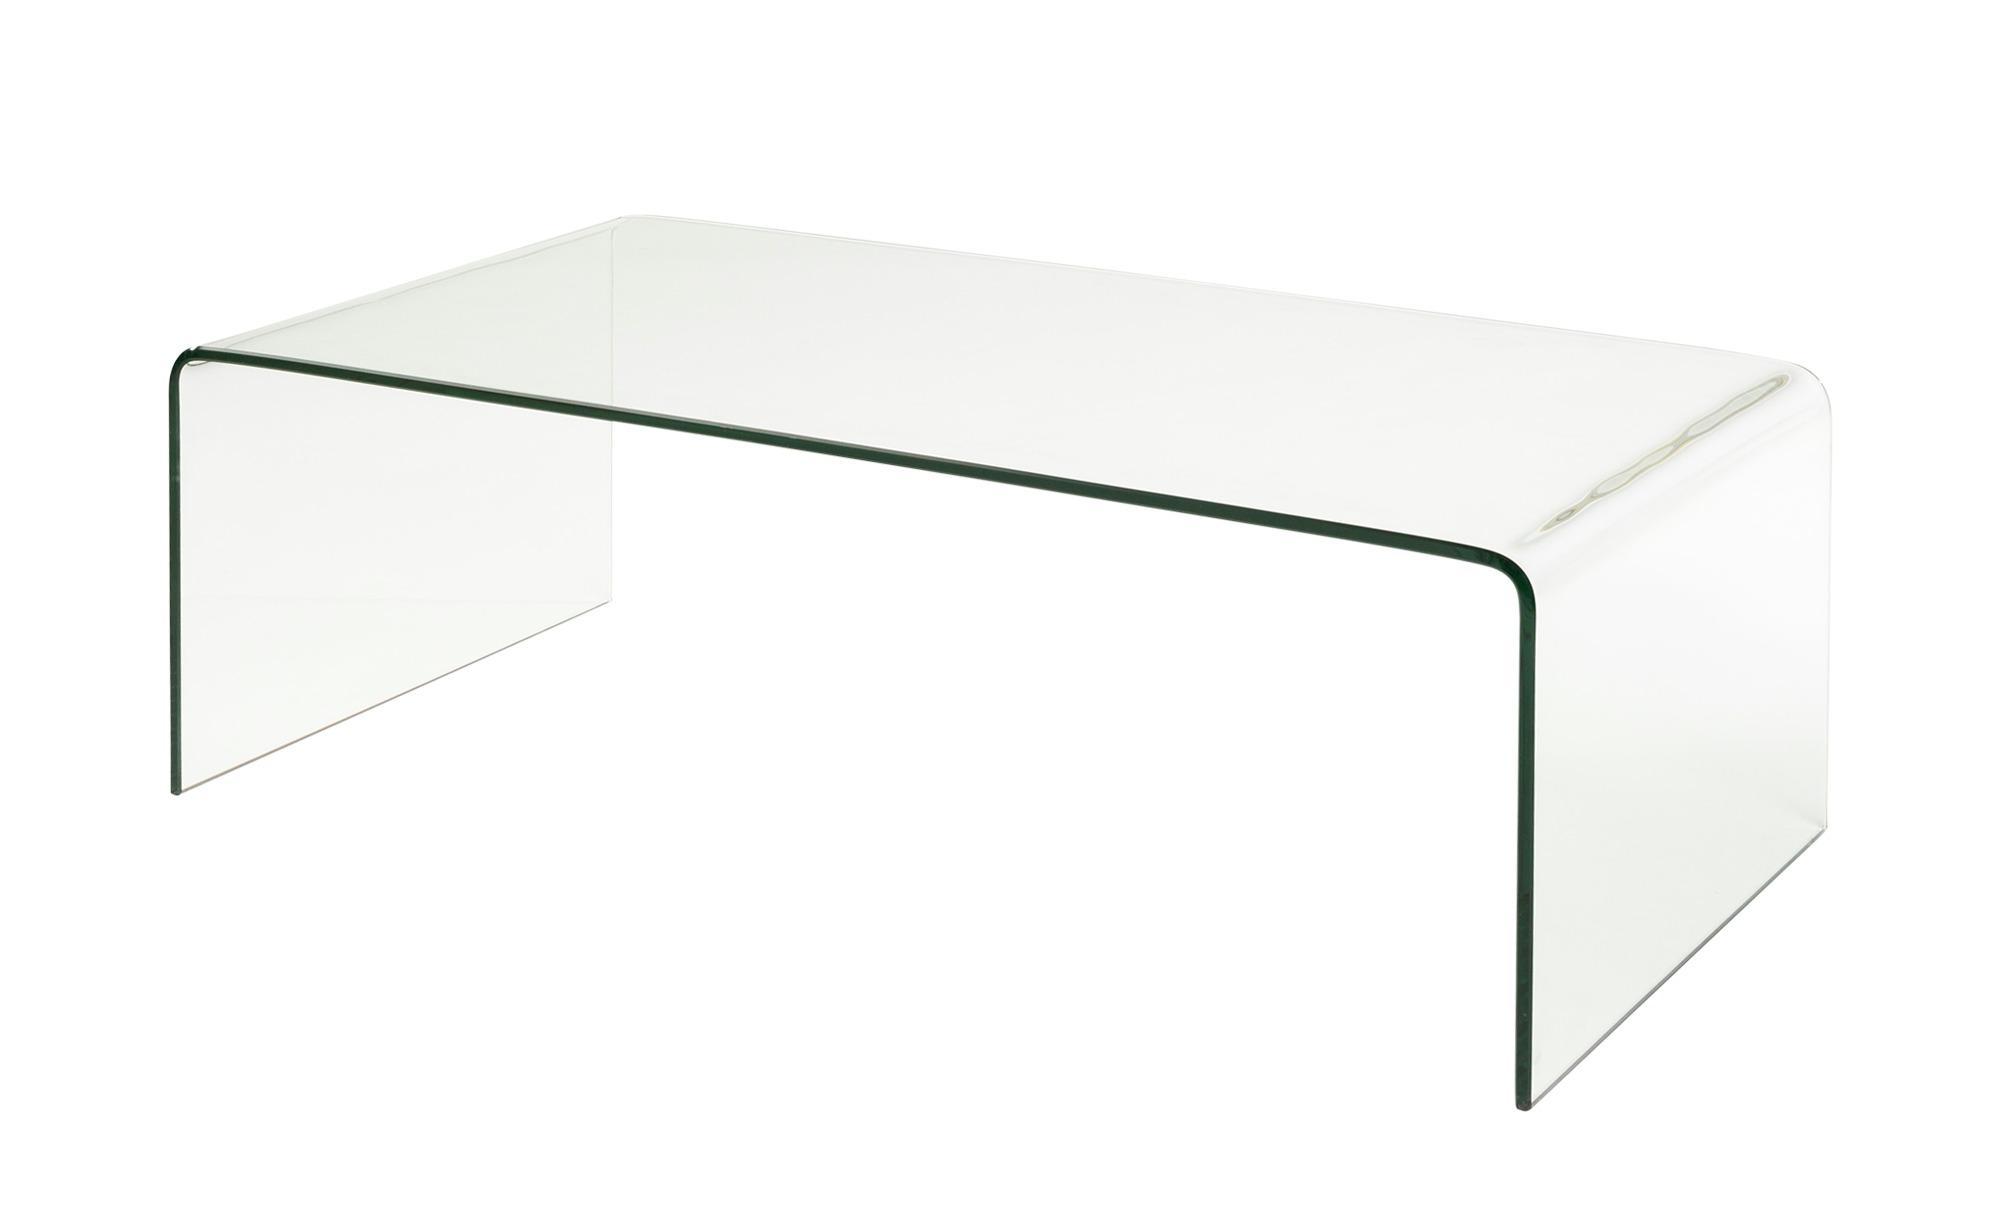 Couchtisch  Tessera ¦ transparent/klar ¦ Maße (cm): B: 55 H: 35 Tische > Couchtische > Couchtische rechteckig - Höffner